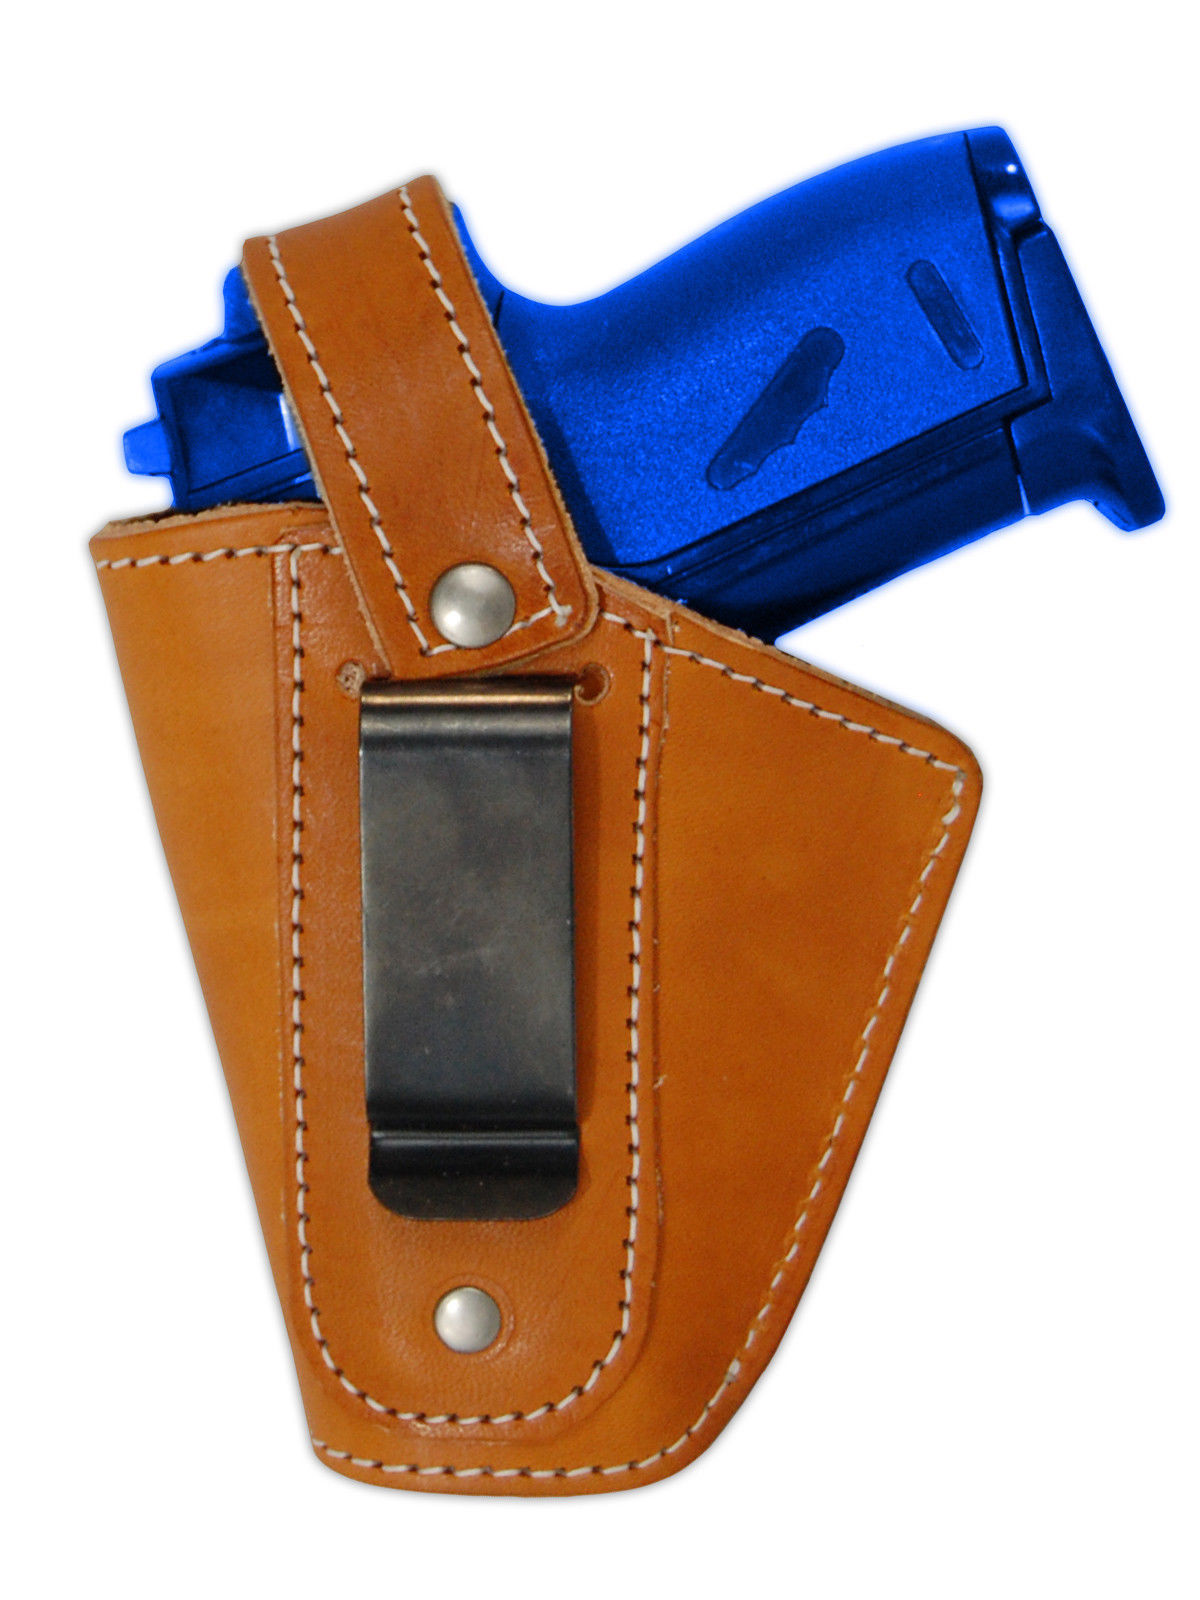 Barsony OWB Tan Leather Belt Holster w/Mag Pouch for Makarov FEG Mini 22 25 380